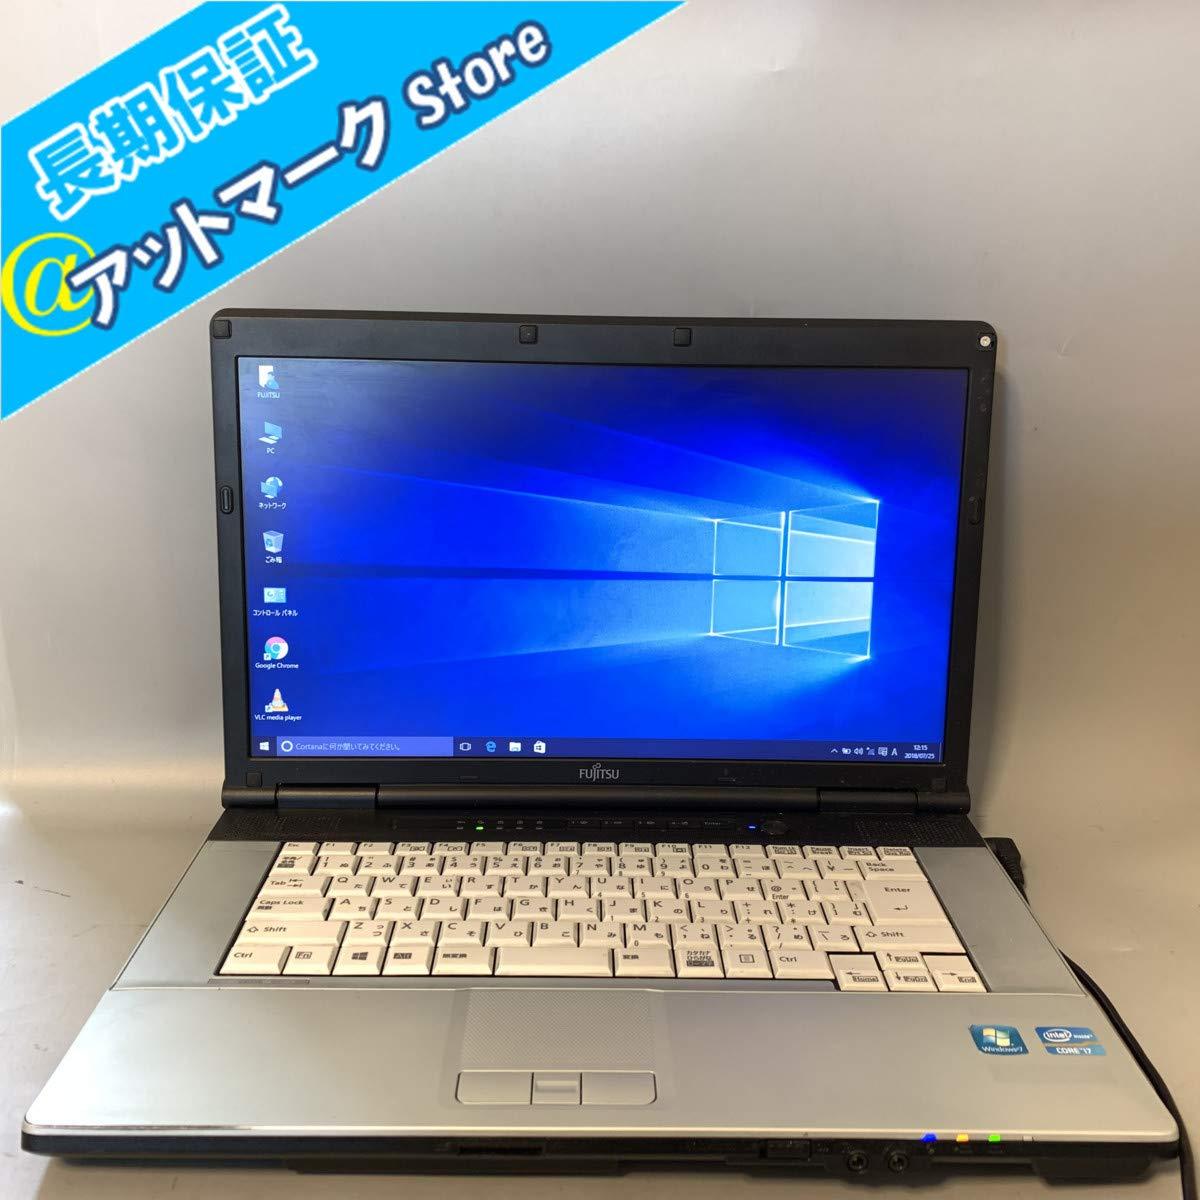 急ぎ配送可 ノートパソコン 中古動作良品 15.6インチワイド液晶 FMV 富士通 E742/F 第3世代 Corei7-3520M 4GB 320GB DVDマルチレコーダー 無線WIFI Windows10 Microsft Office2013 インストール済みワード、エクセル、パワーポイント 保証有、返品可、即使用可能   B07QTJ123V